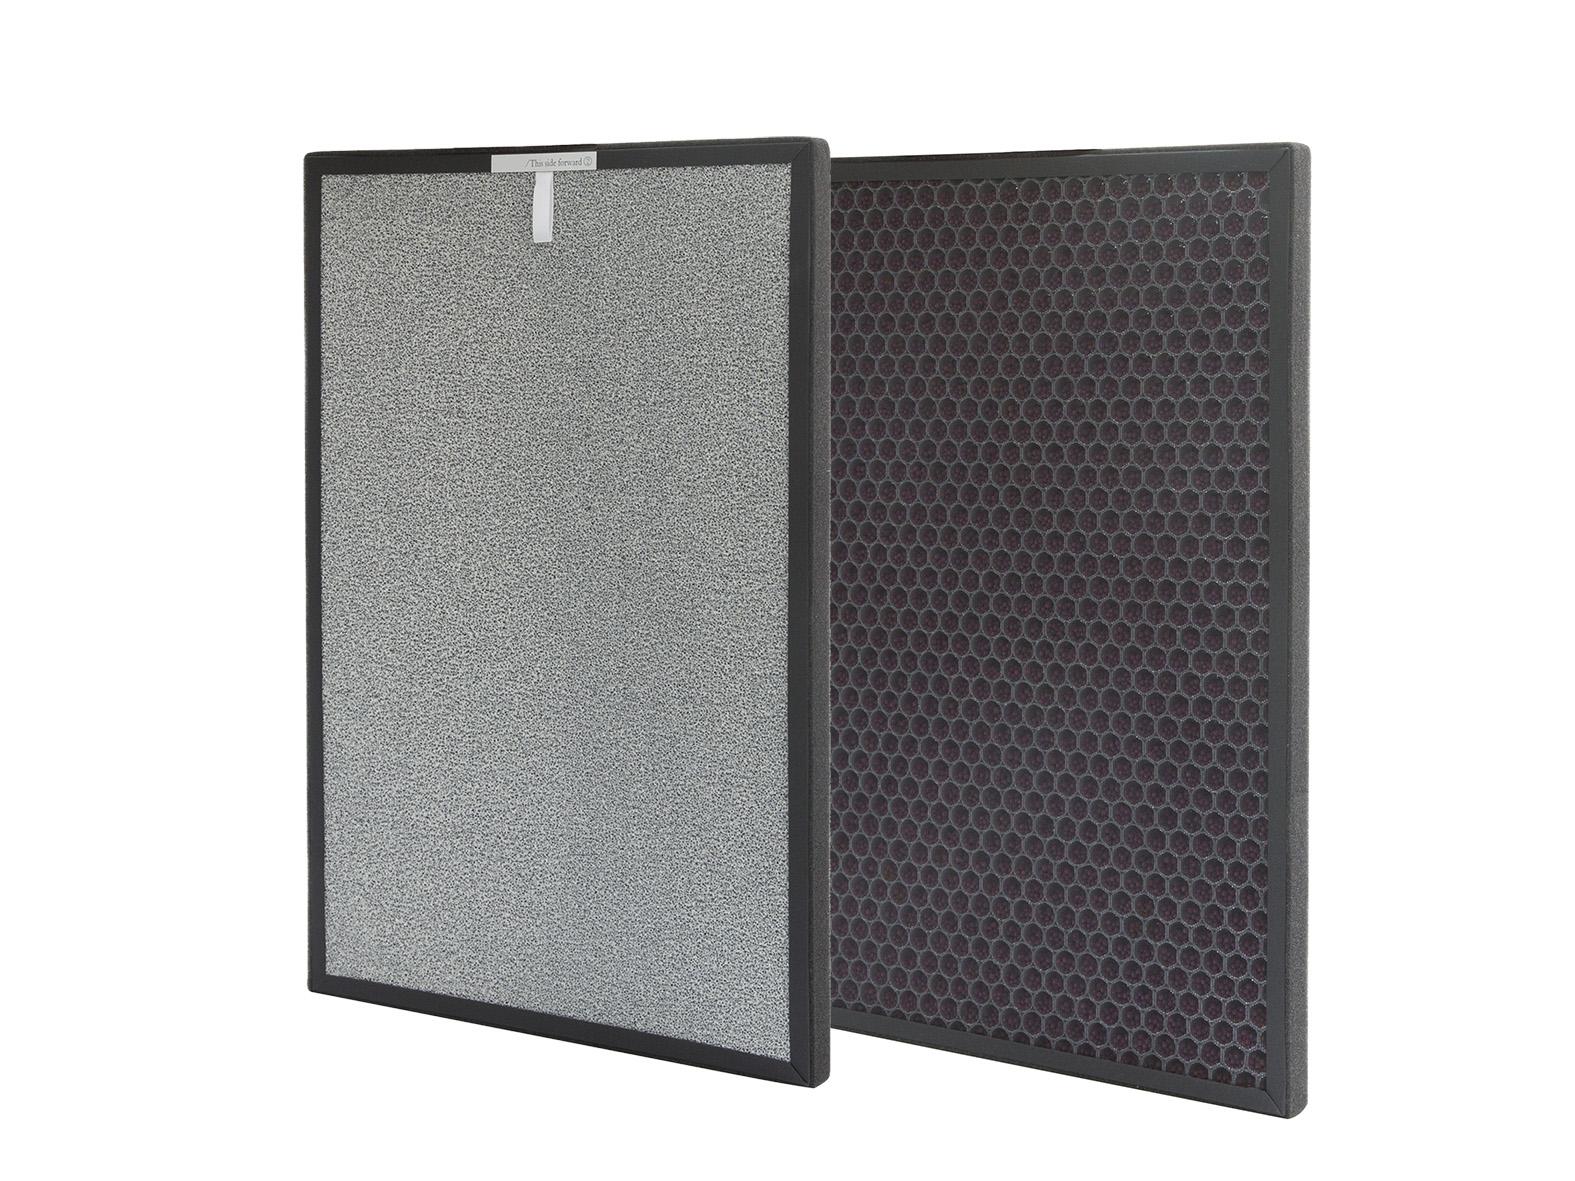 Filtr R-9600F2 pro čističku vzduchu Rohnson R-9600